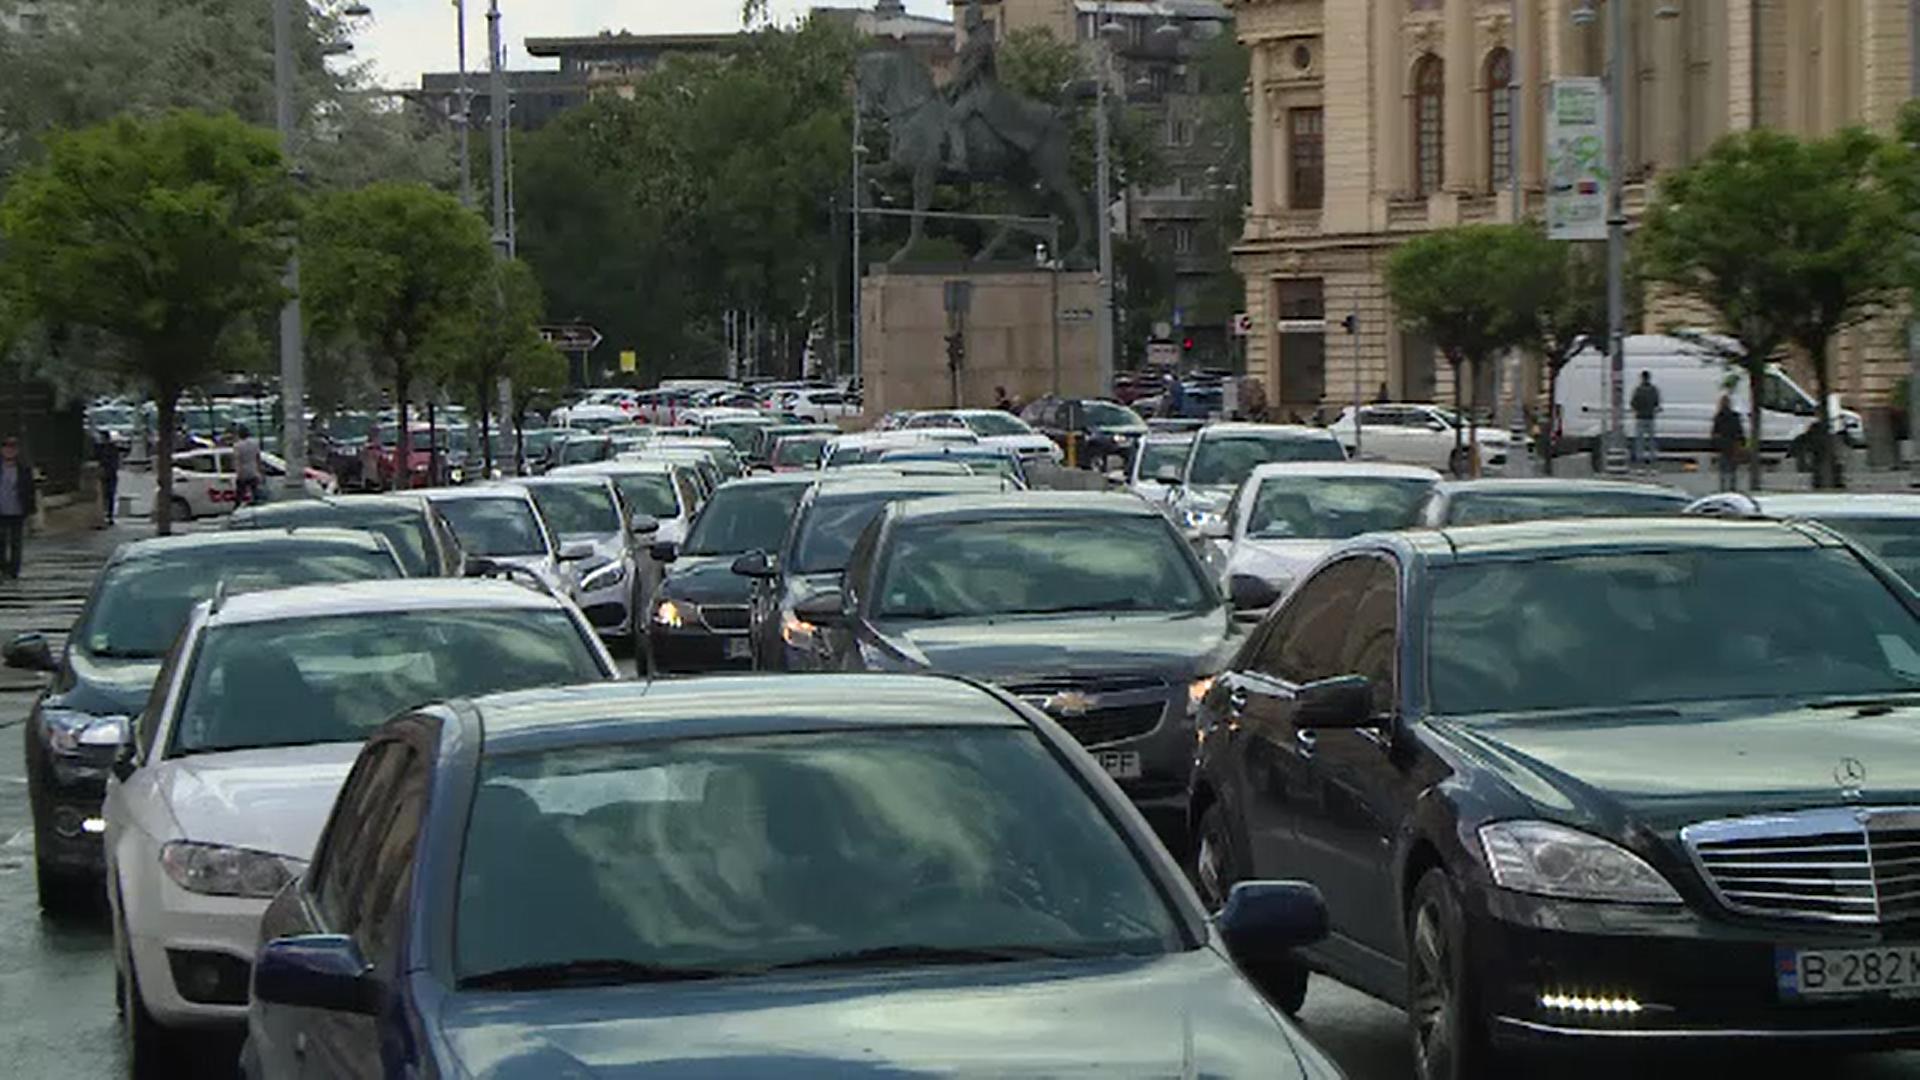 Proprietarii de mașini mai vechi de 15 ani vor plăti un impozit mai mare. Taxa ar putea ajunge și la 900 de lei pe an